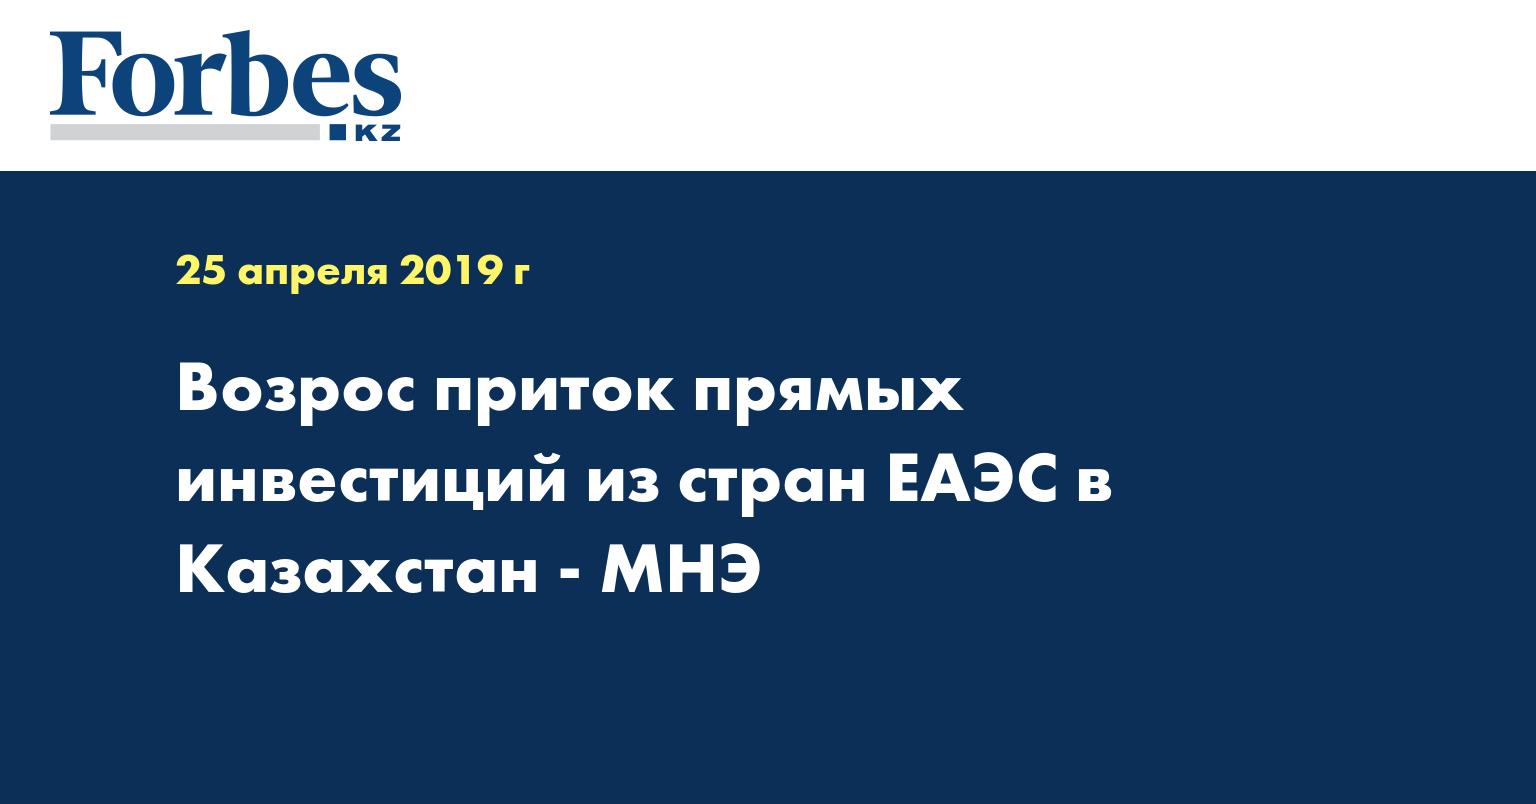 Возрос приток прямых инвестиций из стран ЕАЭС в Казахстан - МНЭ